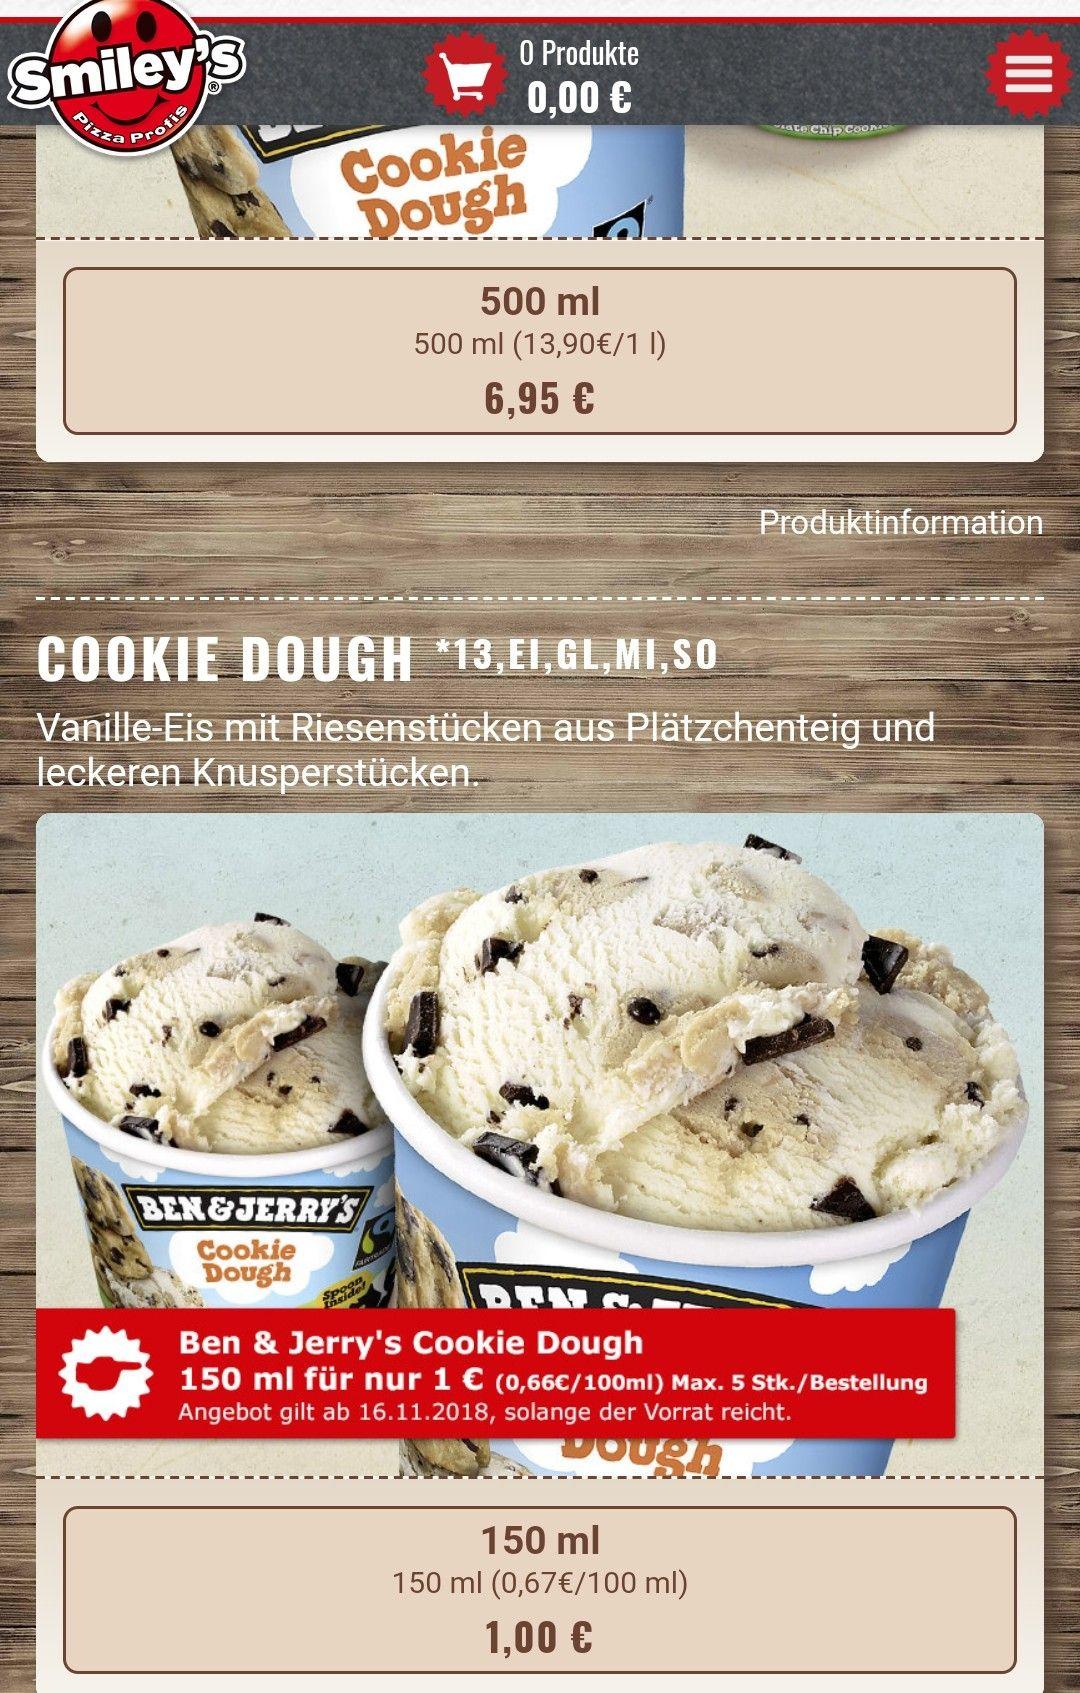 Smileys Pizza - Ben & Jerrys (Cookie Dough)